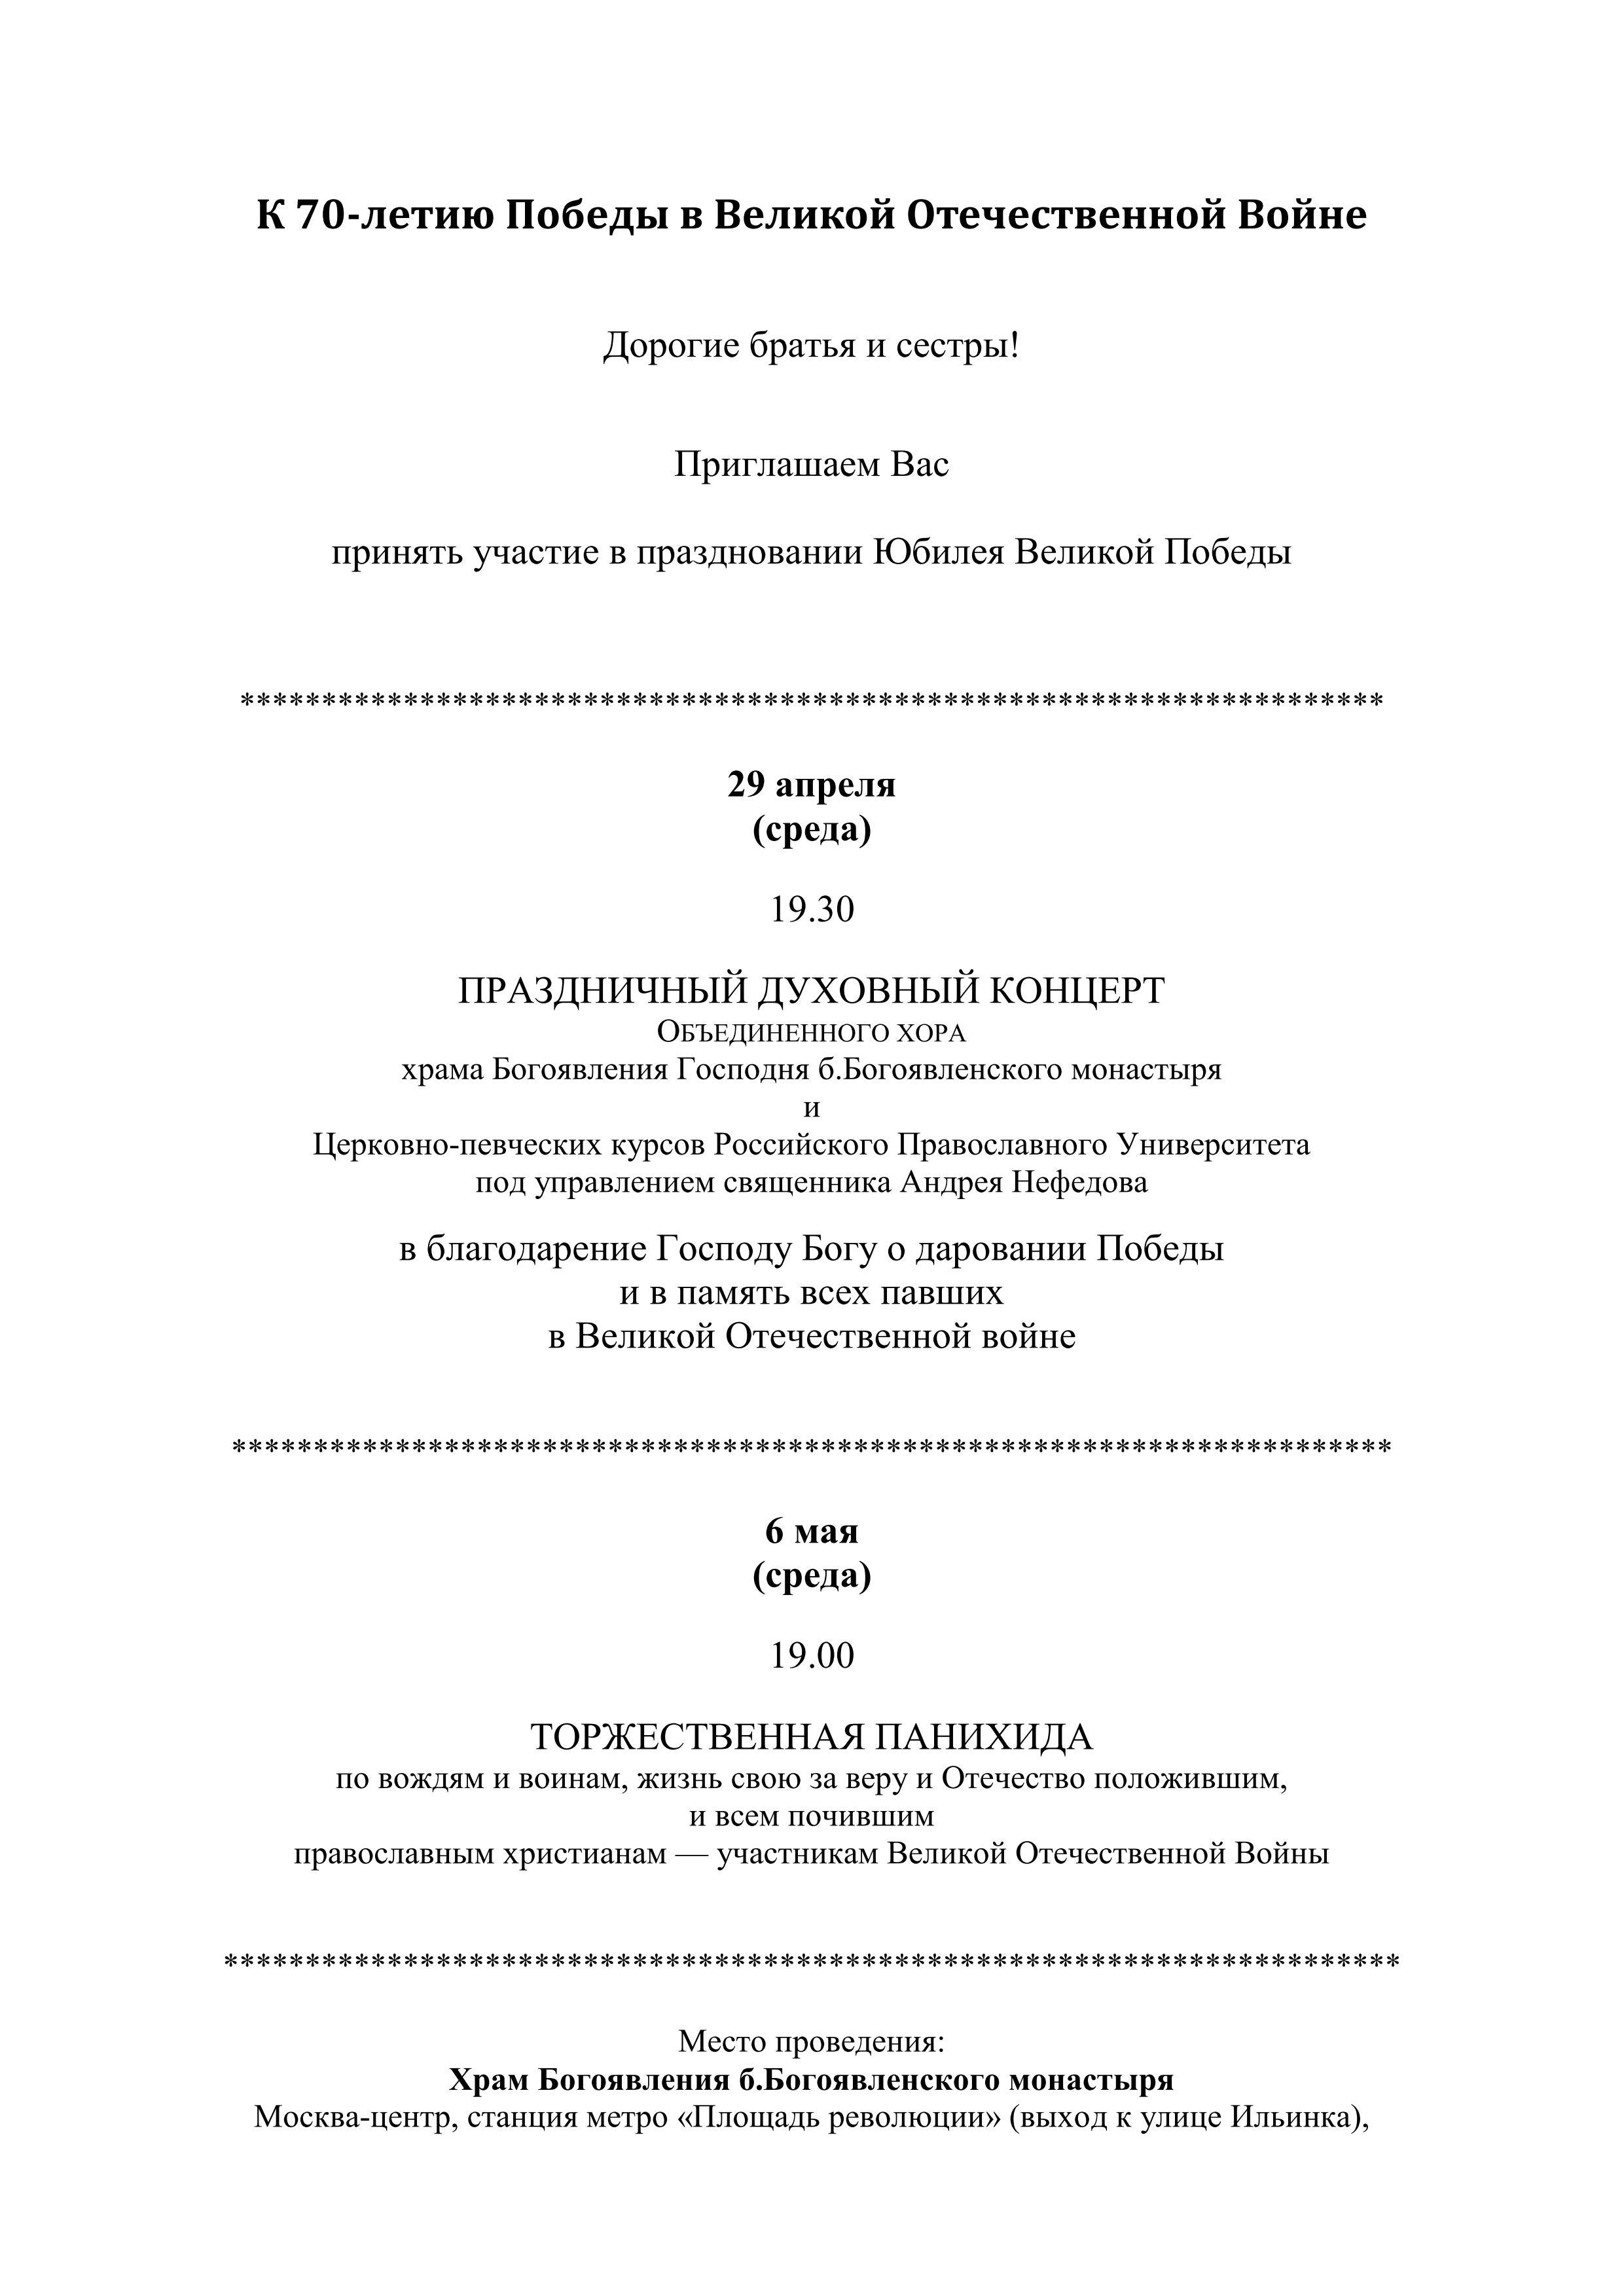 Текст афиши_70 Победы вВОВ_01